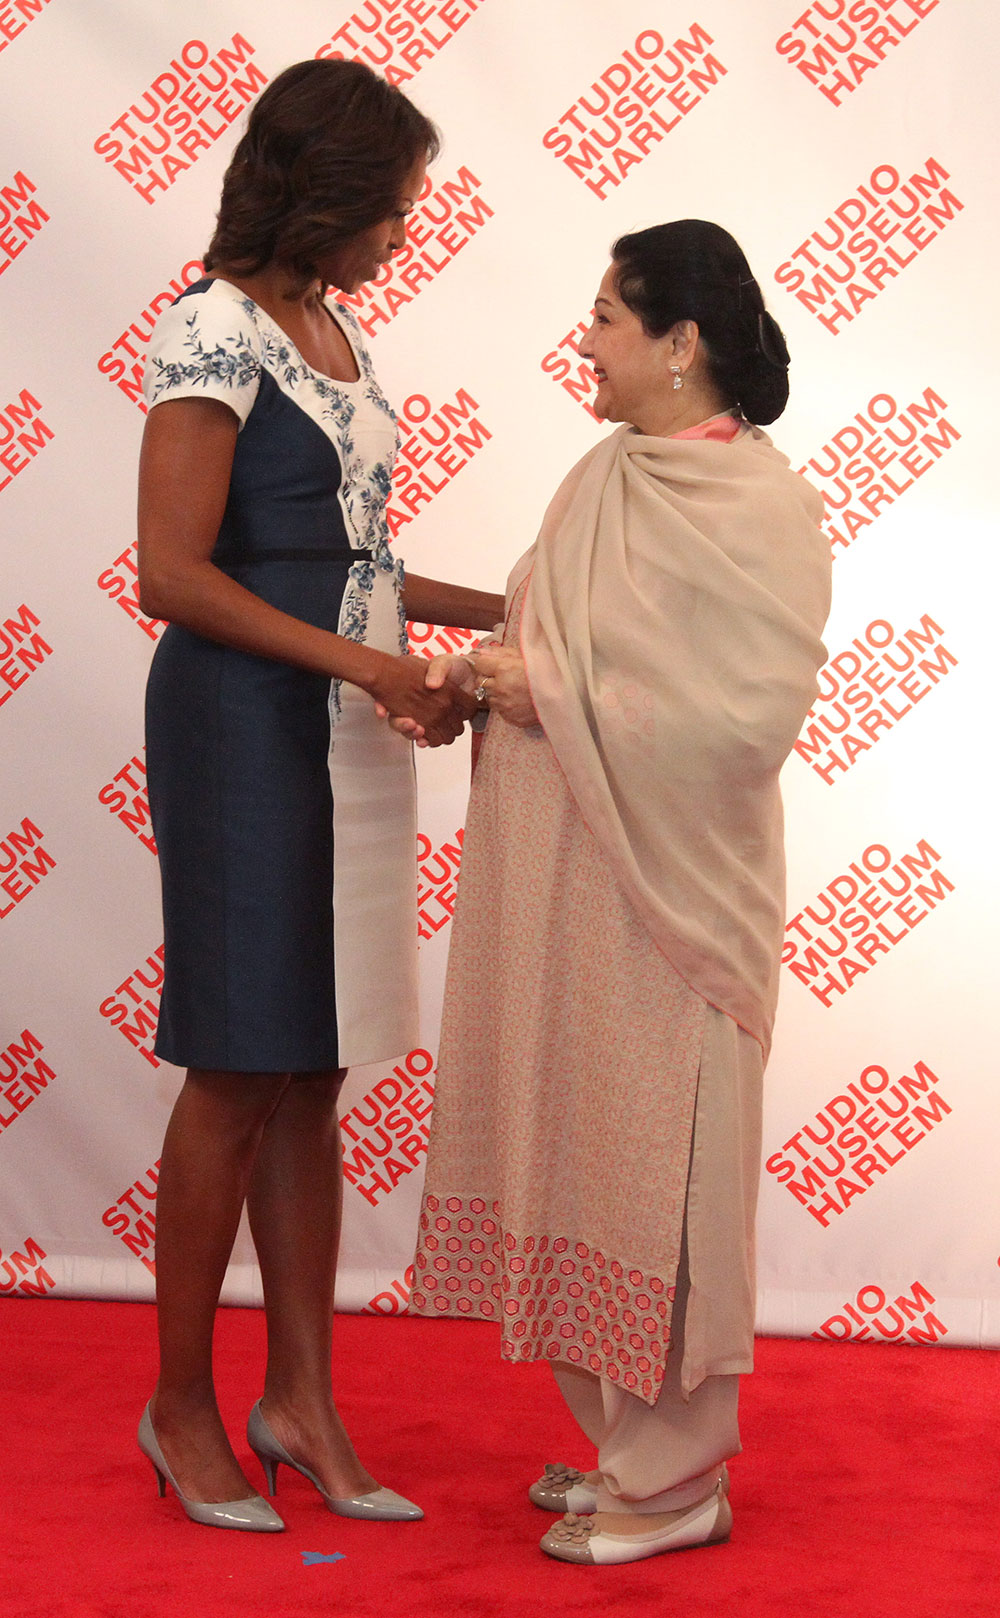 न्यूयॉर्क में अमेरिका की प्रथम महिला पाकिस्तानी के प्रधानमंत्री नवाज शरीफ की पत्नी से मुलाकात करती हुई।